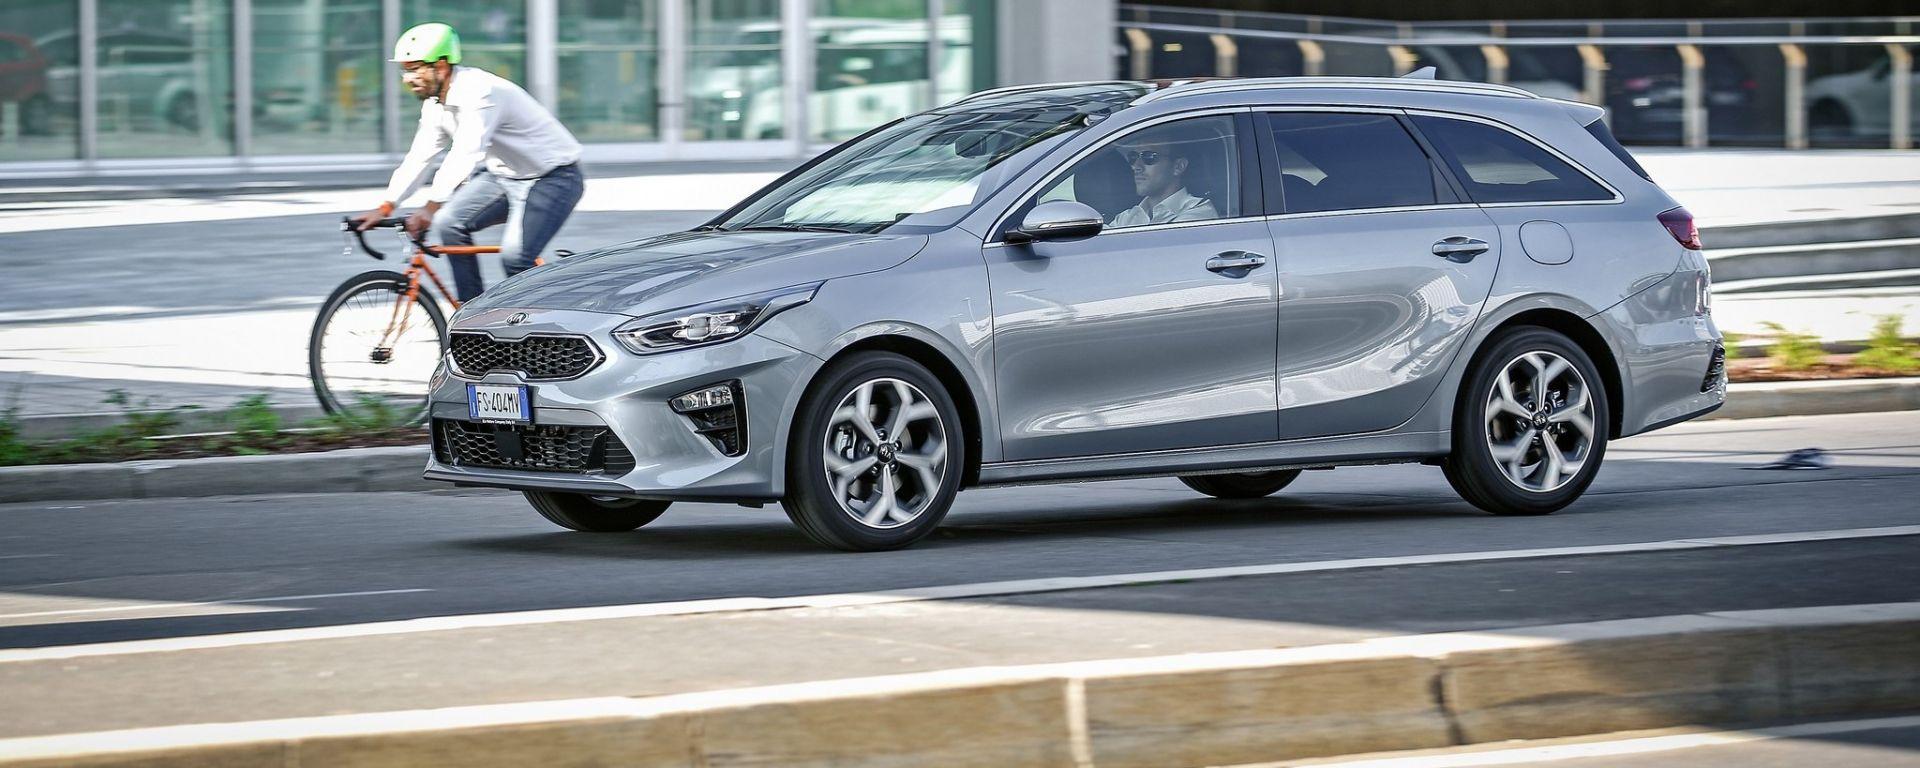 Kia Ceed Sportswagon 1.6 diesel e cambio DCT: la station wagon ritorna in auge